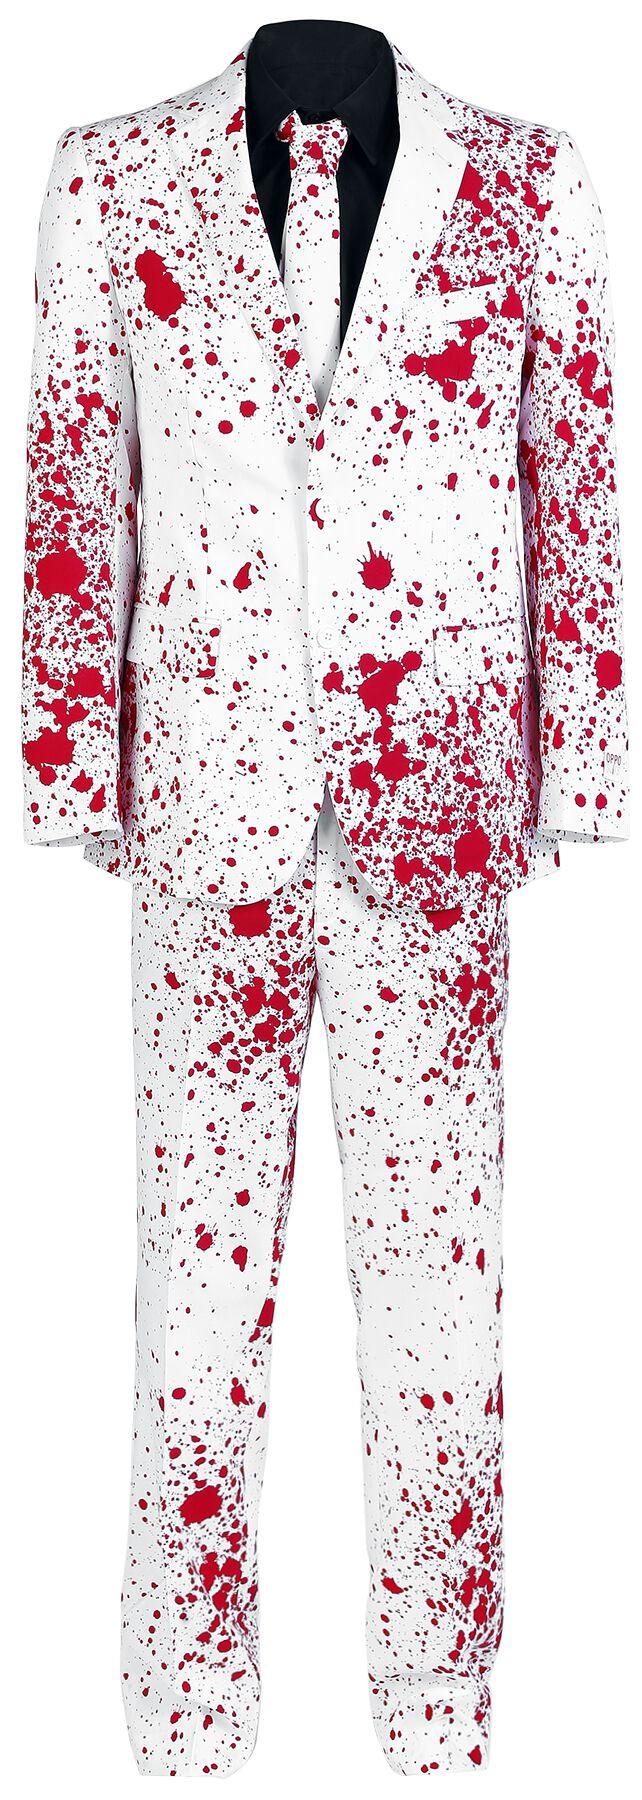 Fun Shirts - Maski i Kostiumy - Kostium OppoSuits Bloody Harry Kostium biały/czerwony - 314224